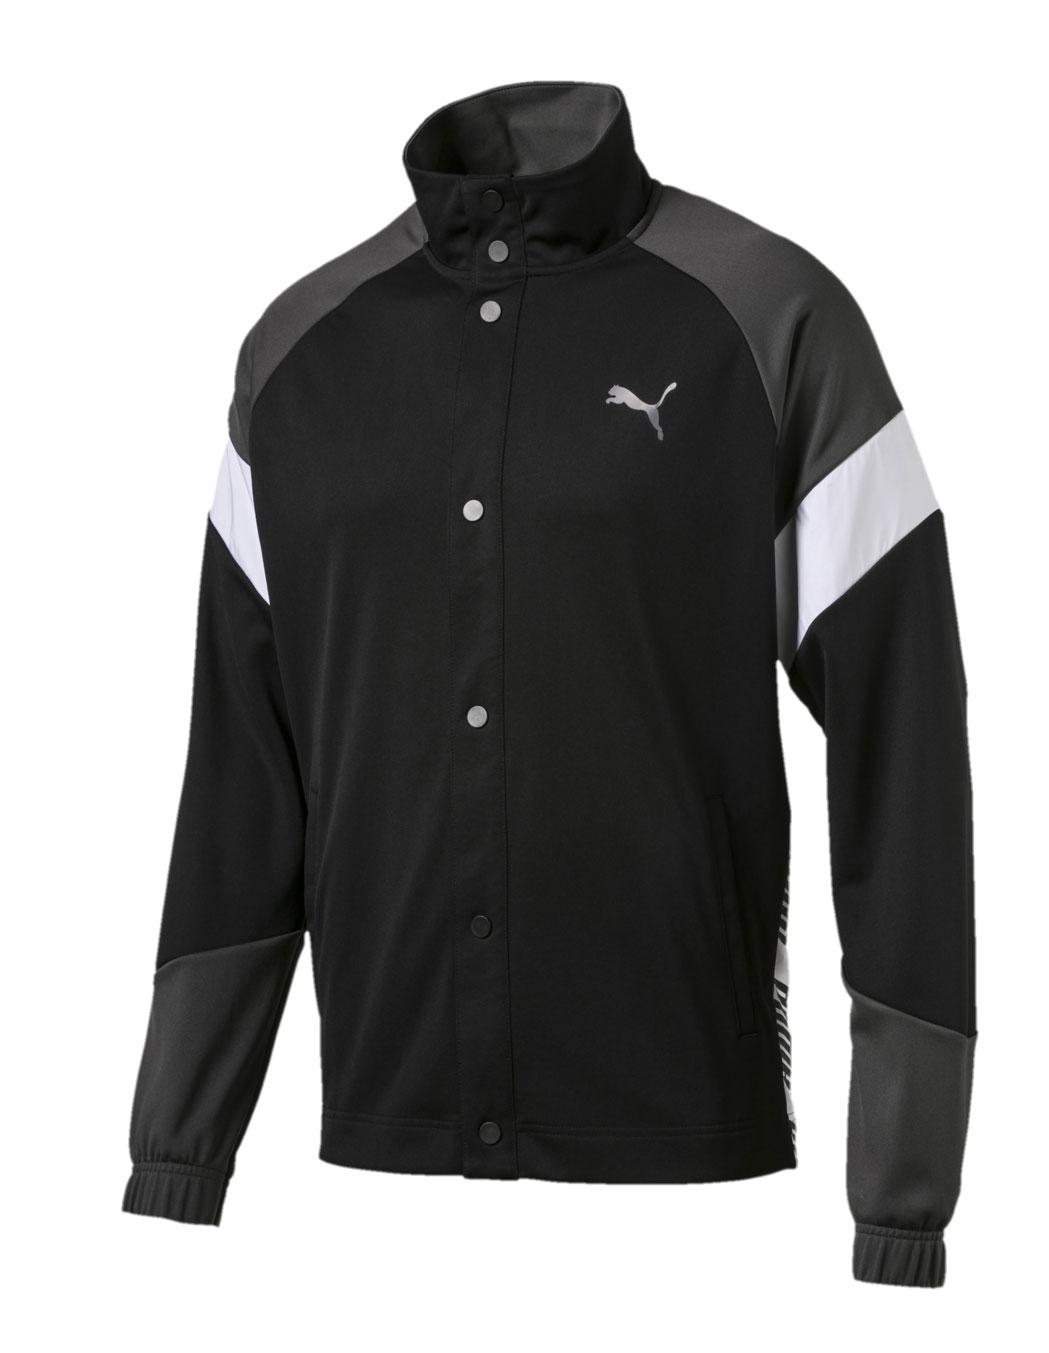 Puma A.C.E. Track Jacket